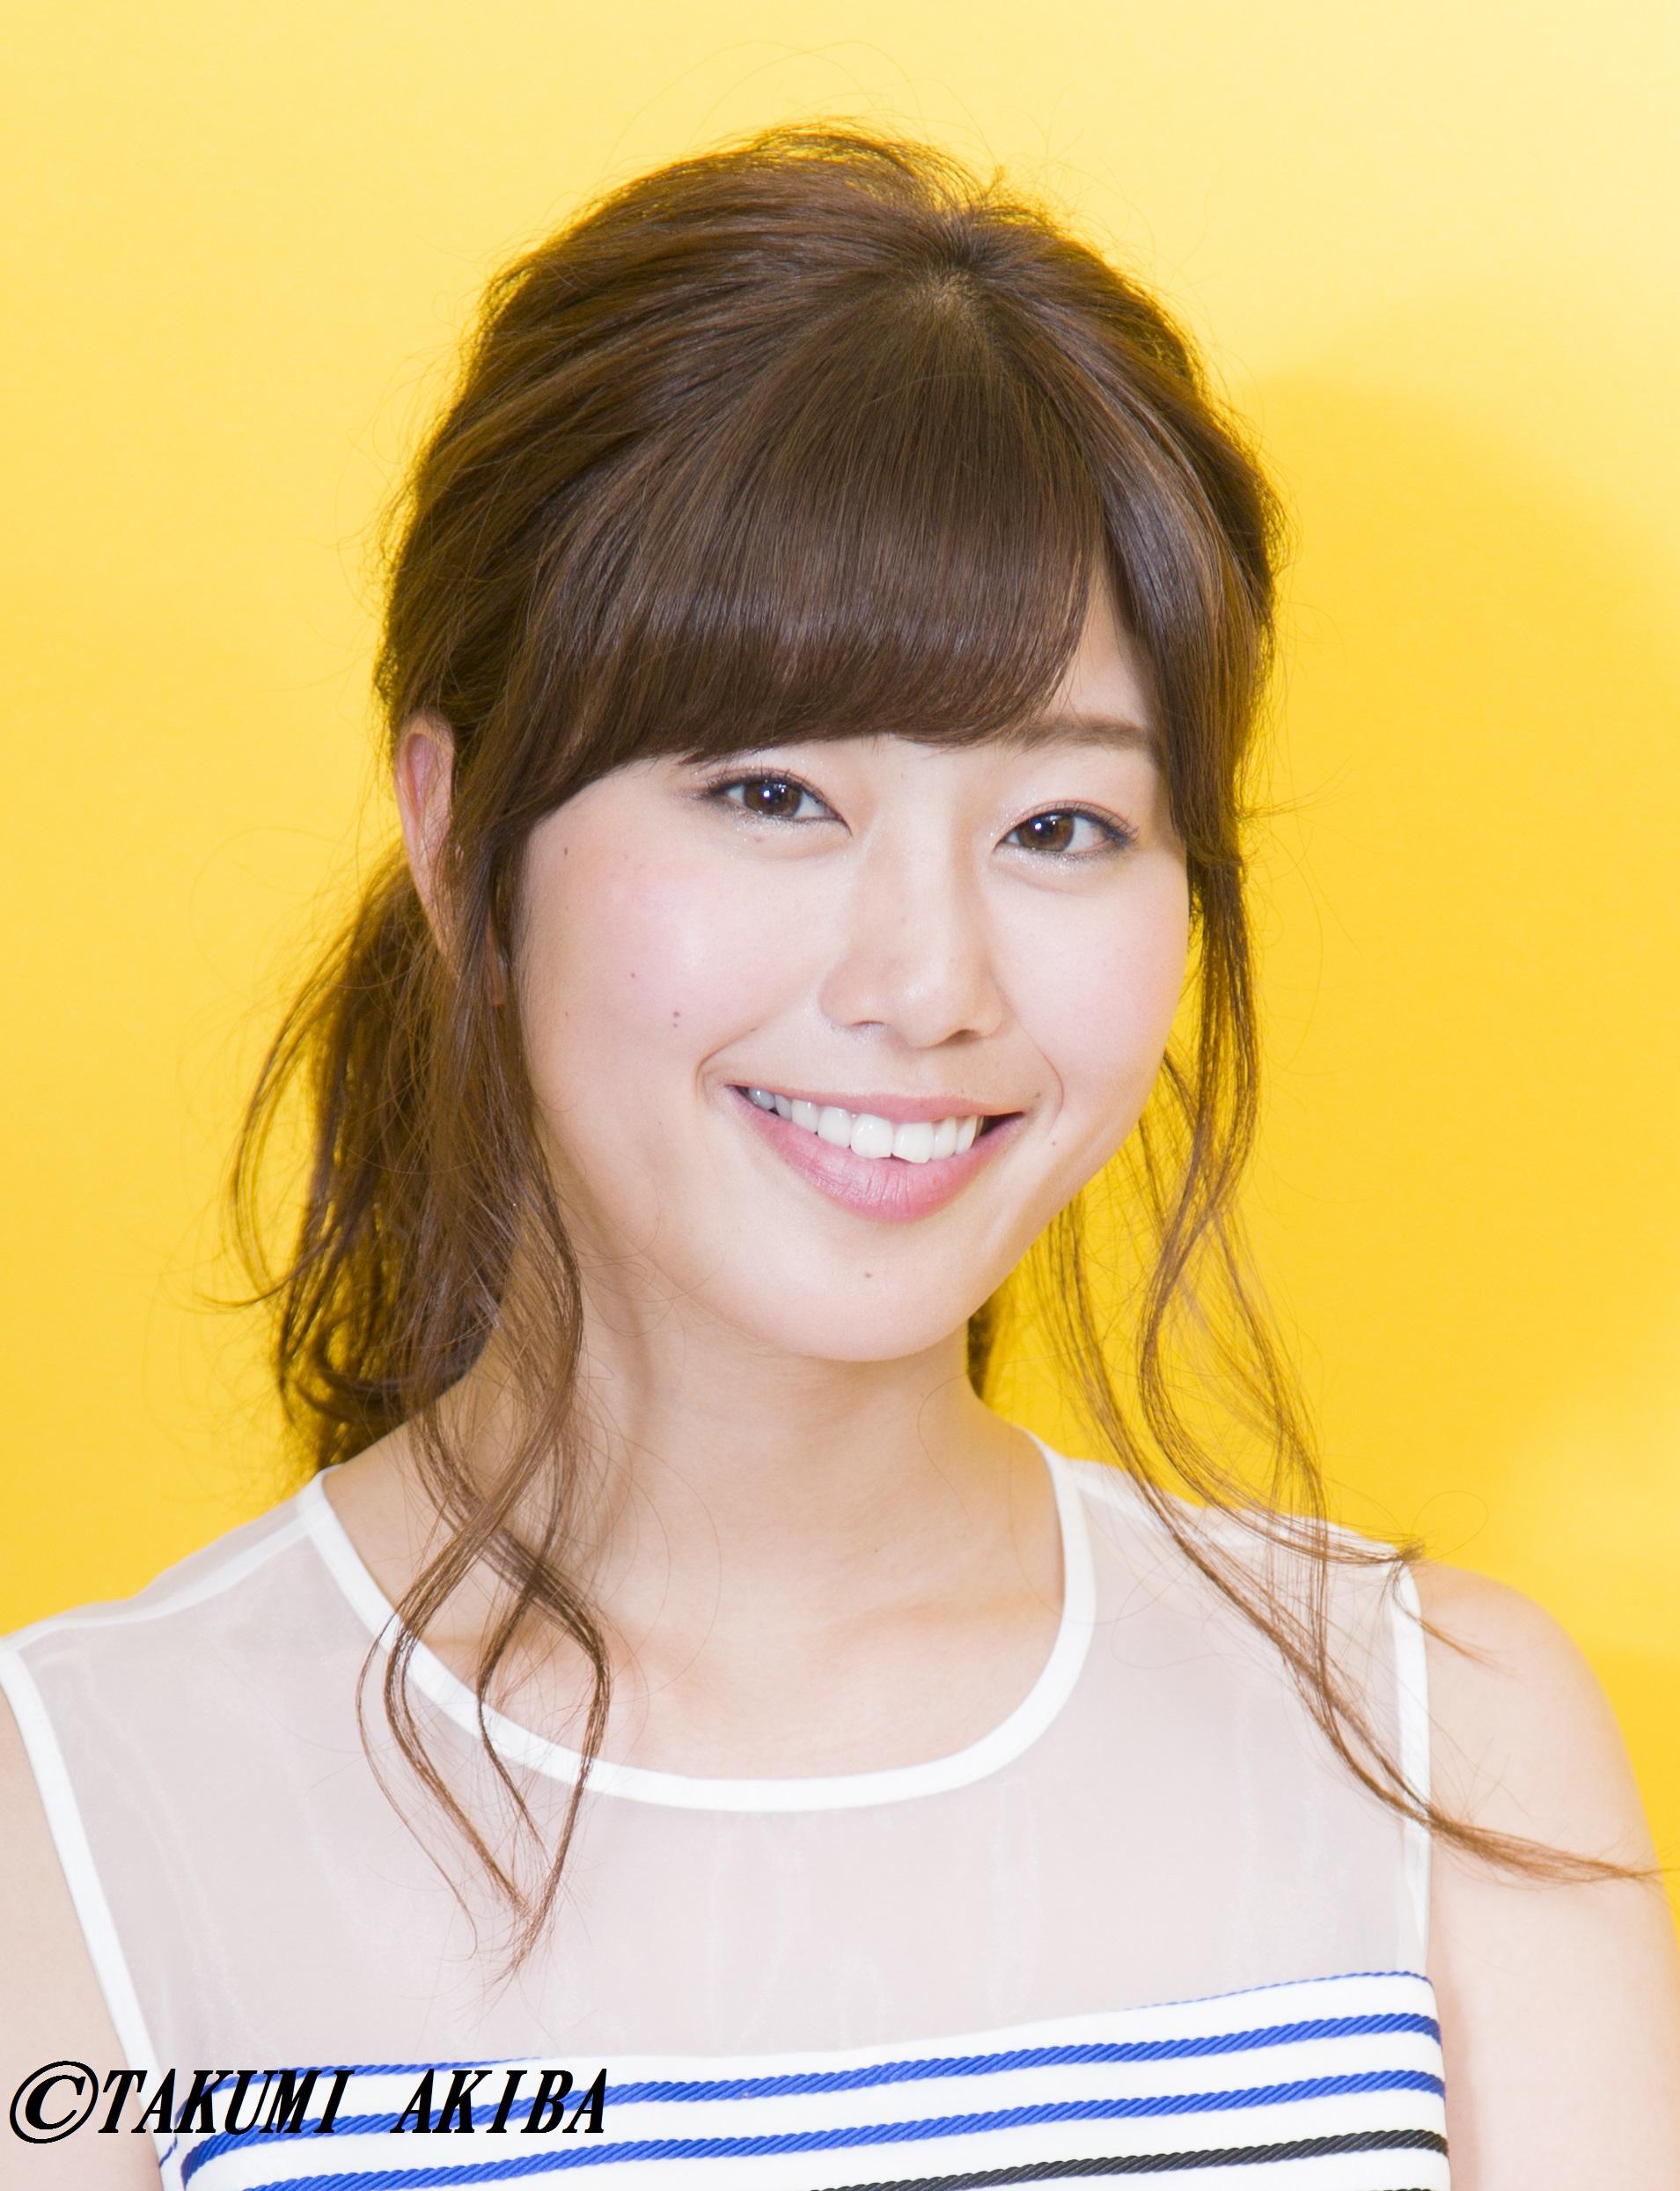 稲村亜美 今年のゲストランナーは、トヨタのウェブ ...